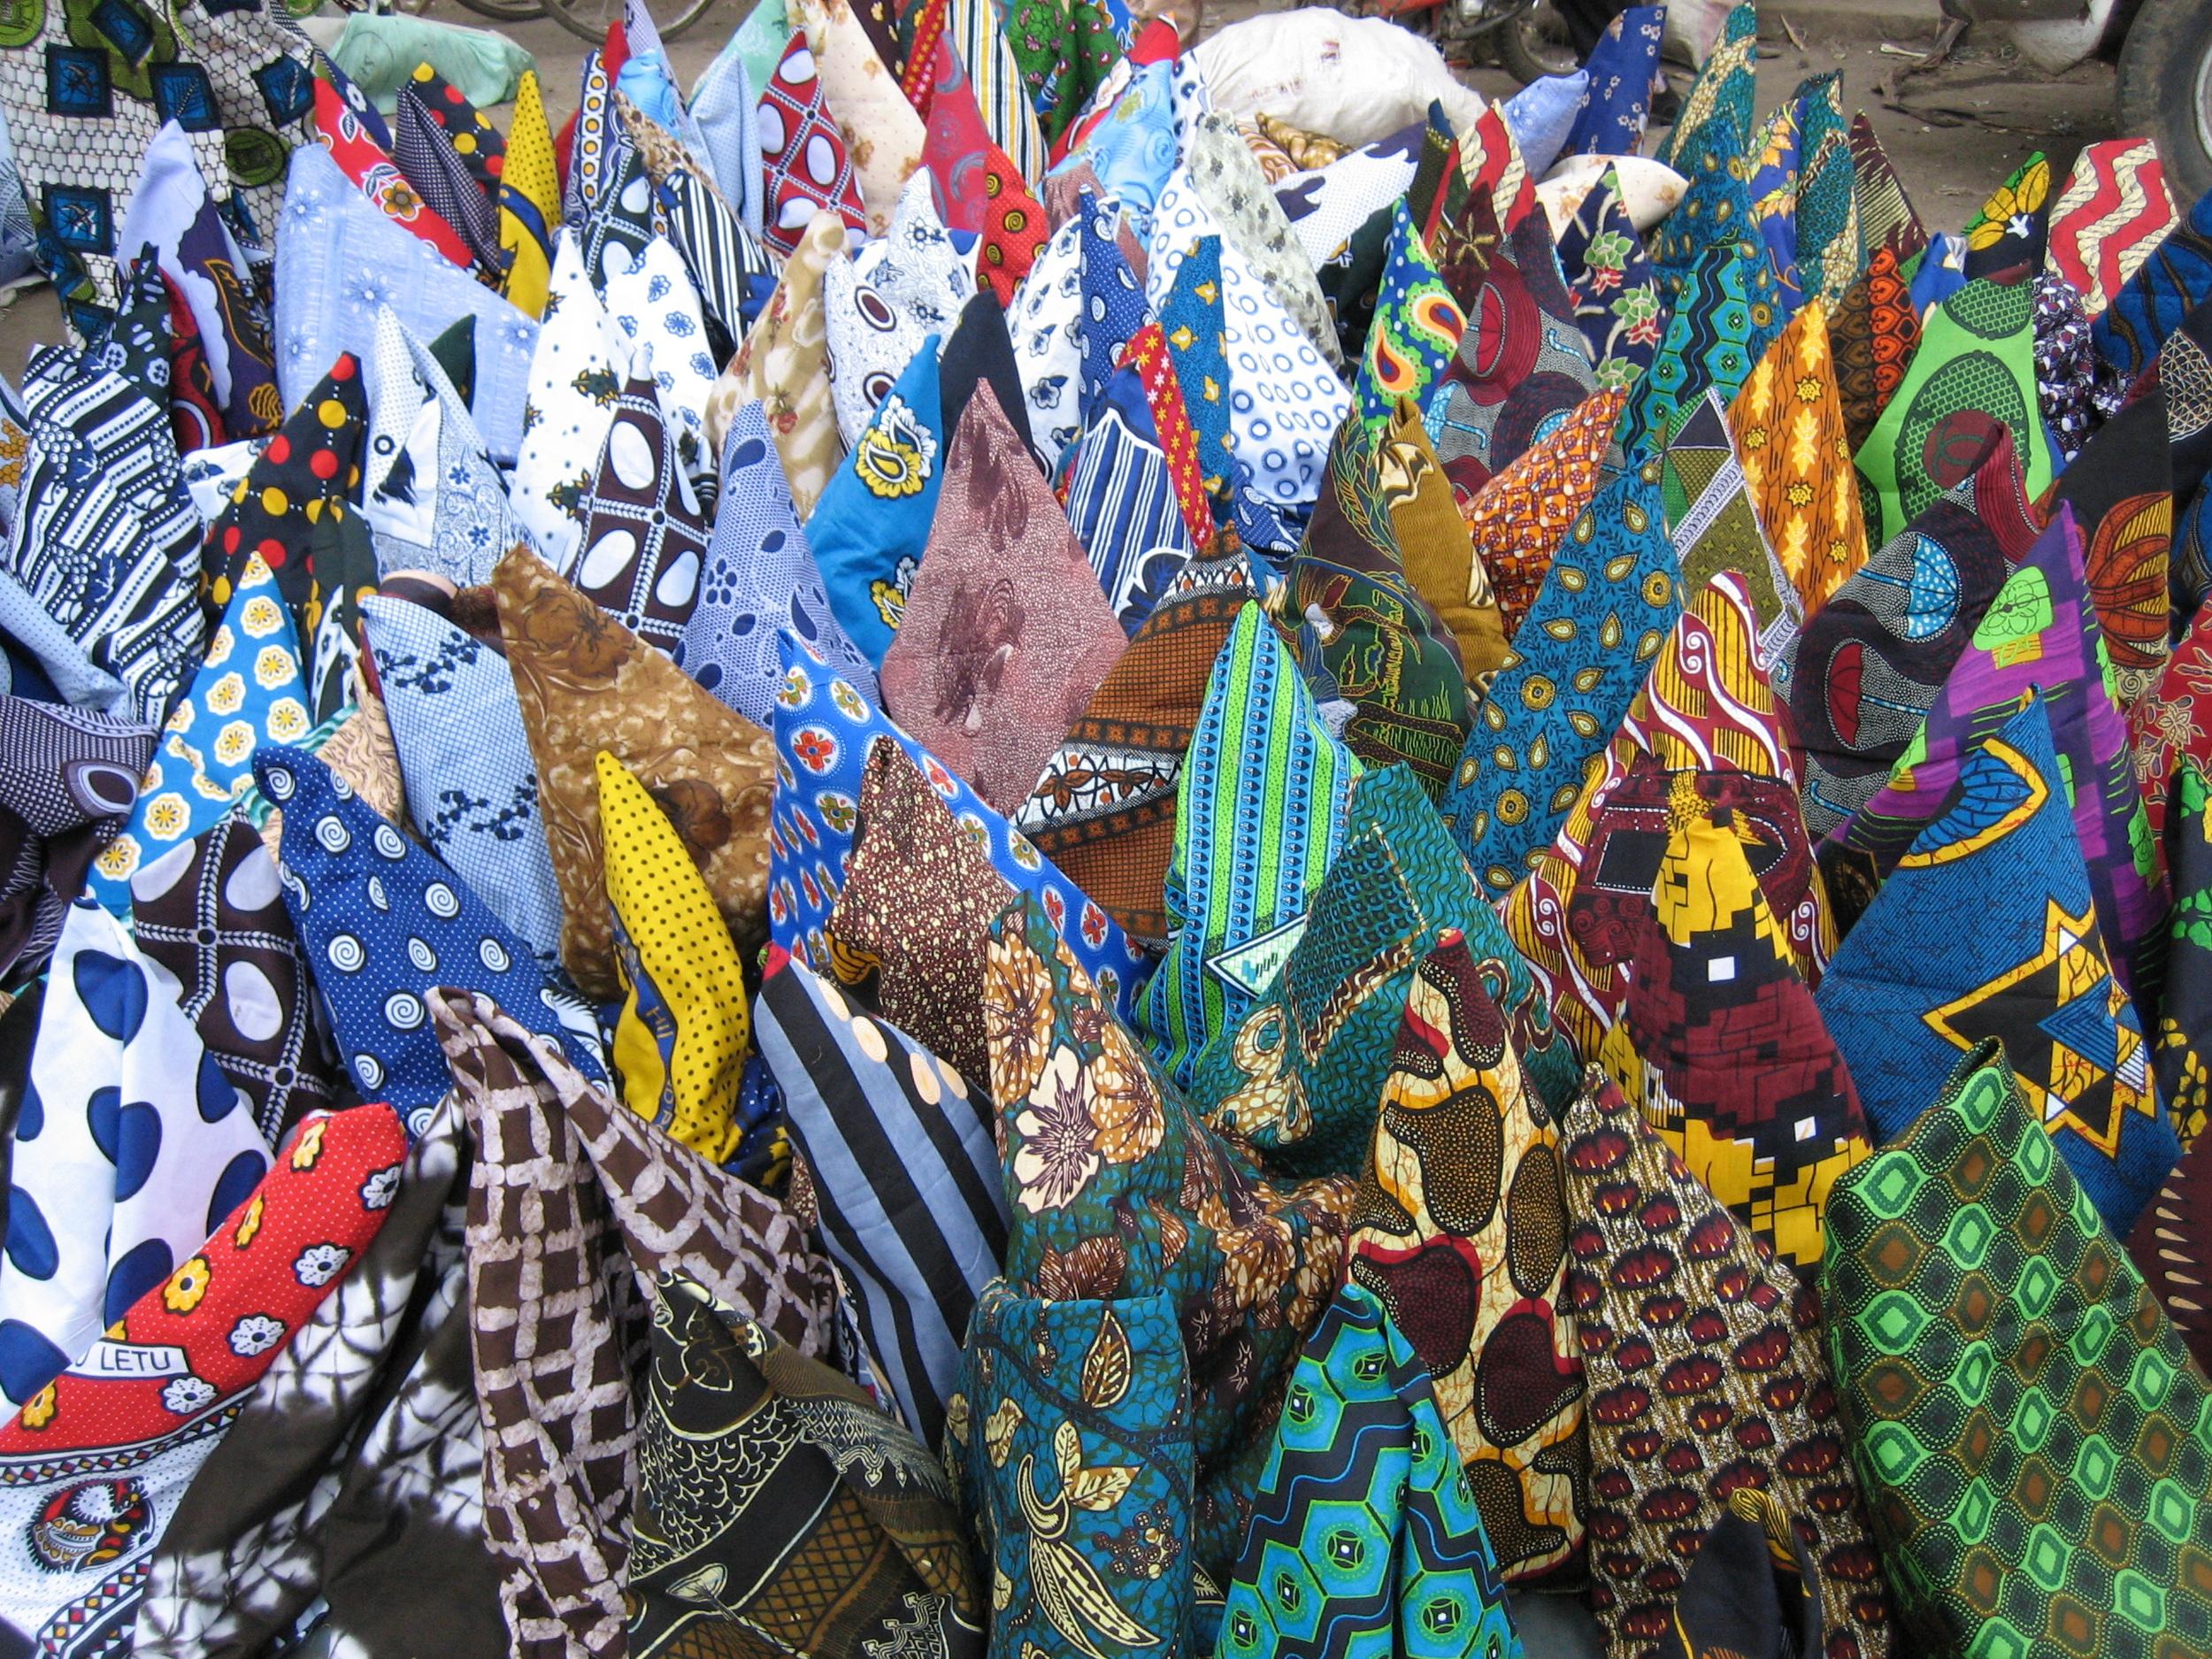 Kanga_and_kitenge_in_Tengeru_Market,_Arusha,_Tanzania.jpg